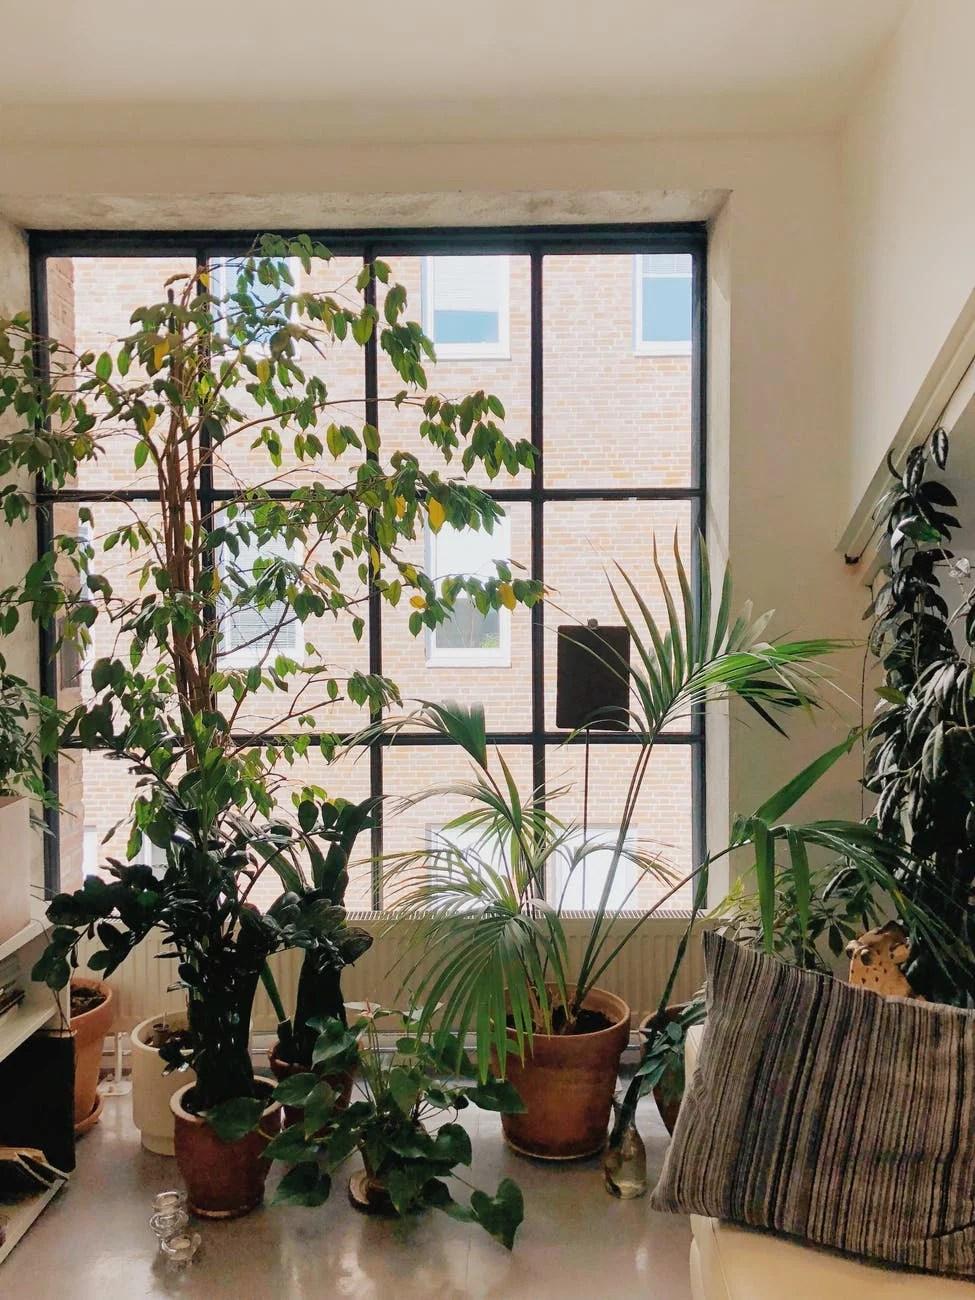 Variété de plantes à feuilles vertes sur la table en face de la fenêtre